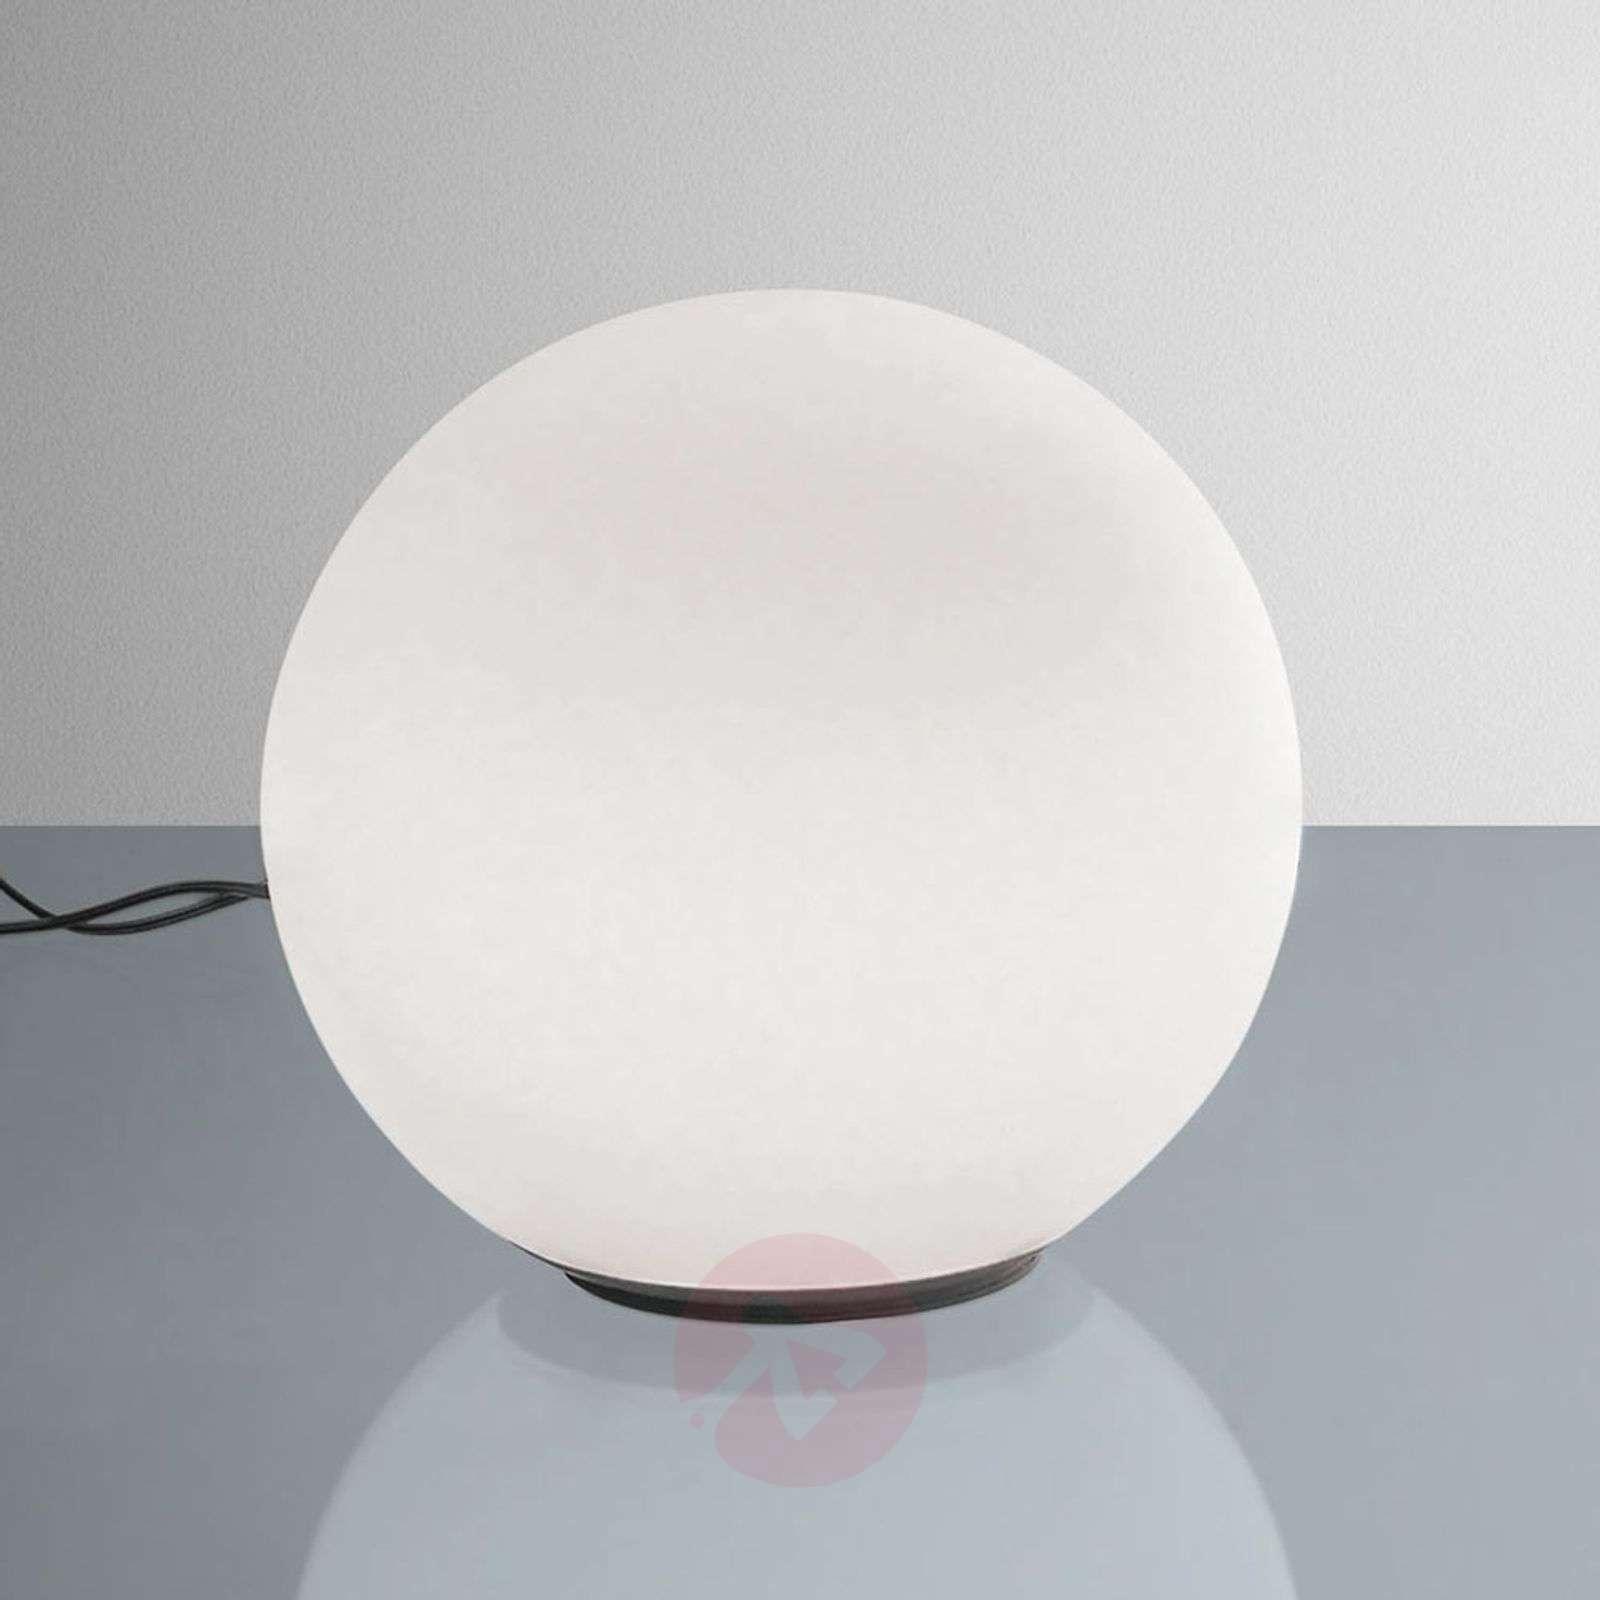 Artemide Dioscuri spherical table lamp, 14 cm-1060166-01